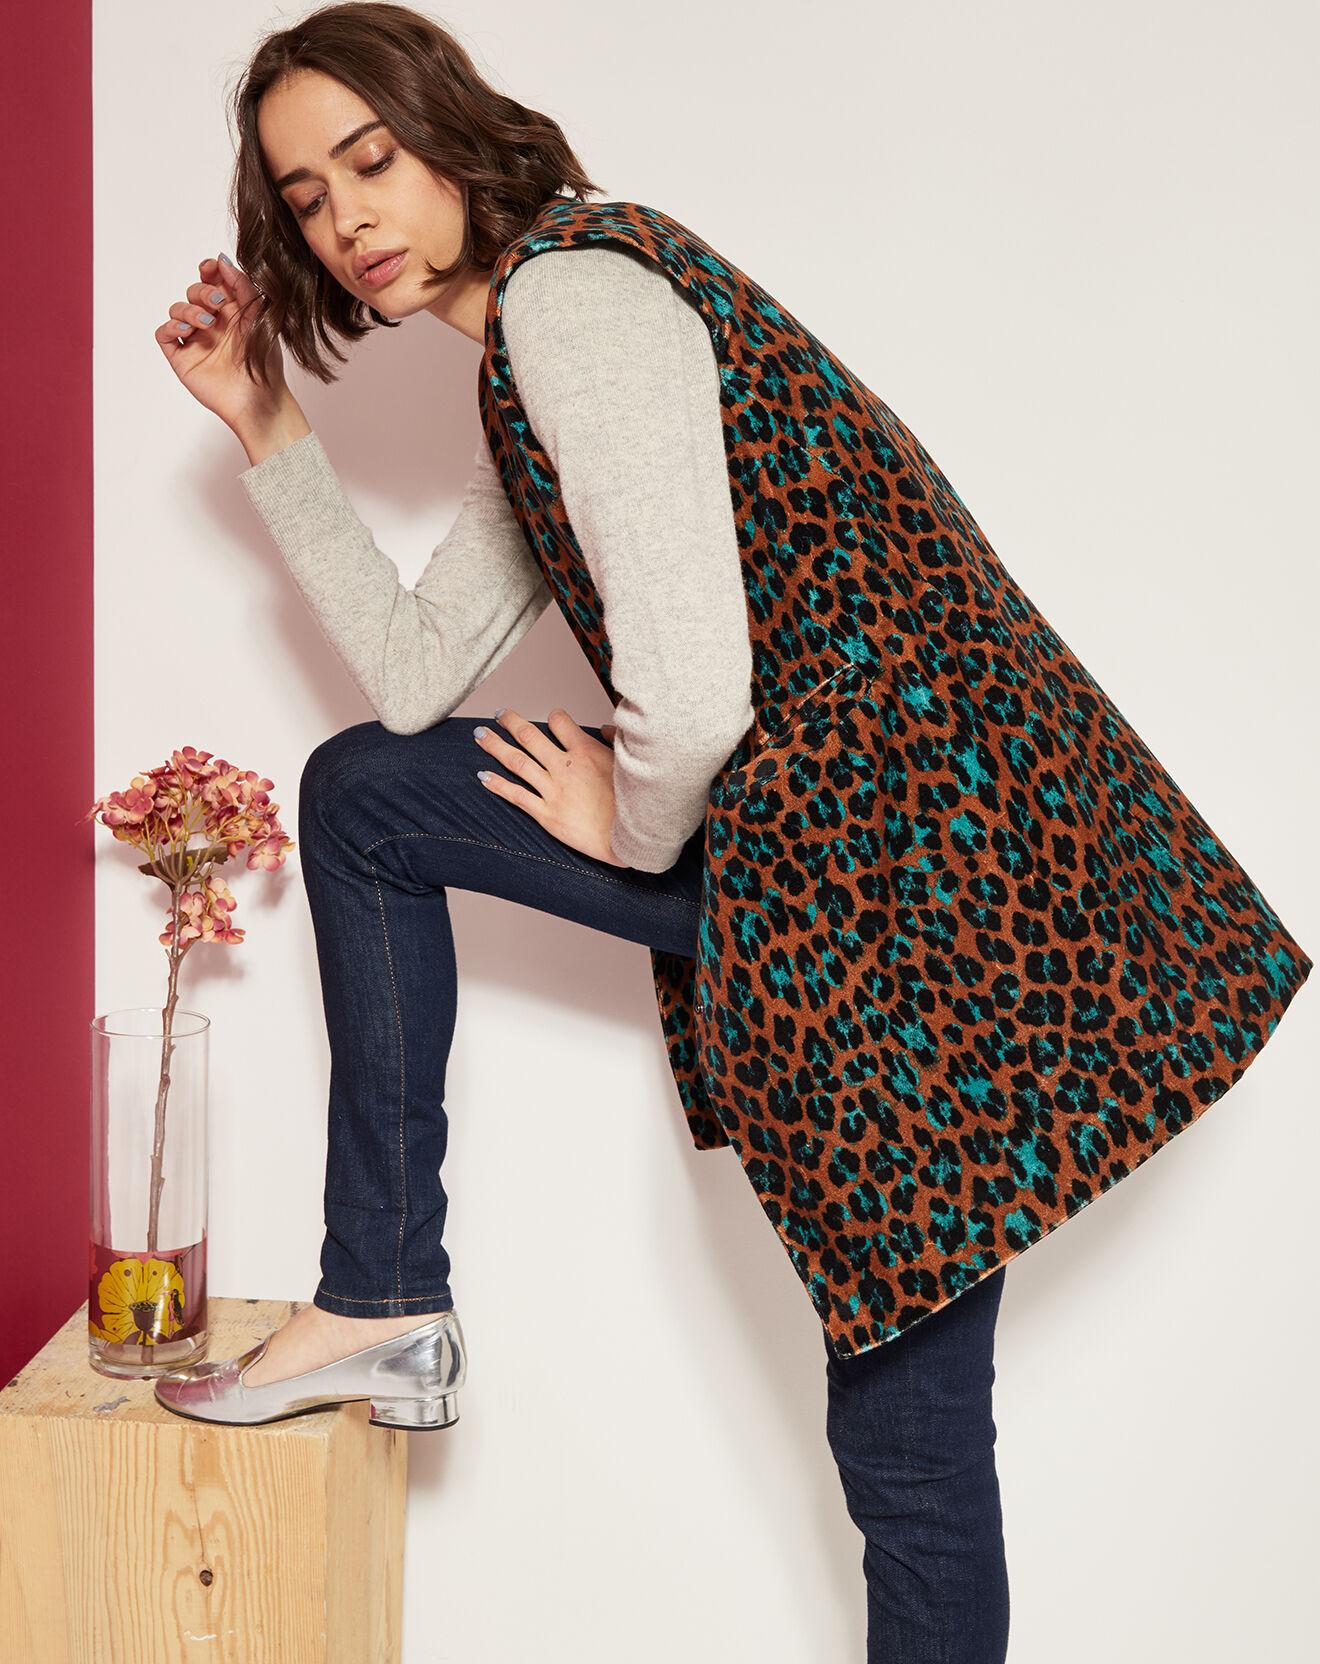 Veste imprimée léopard en Toile de coton marron/turquoise